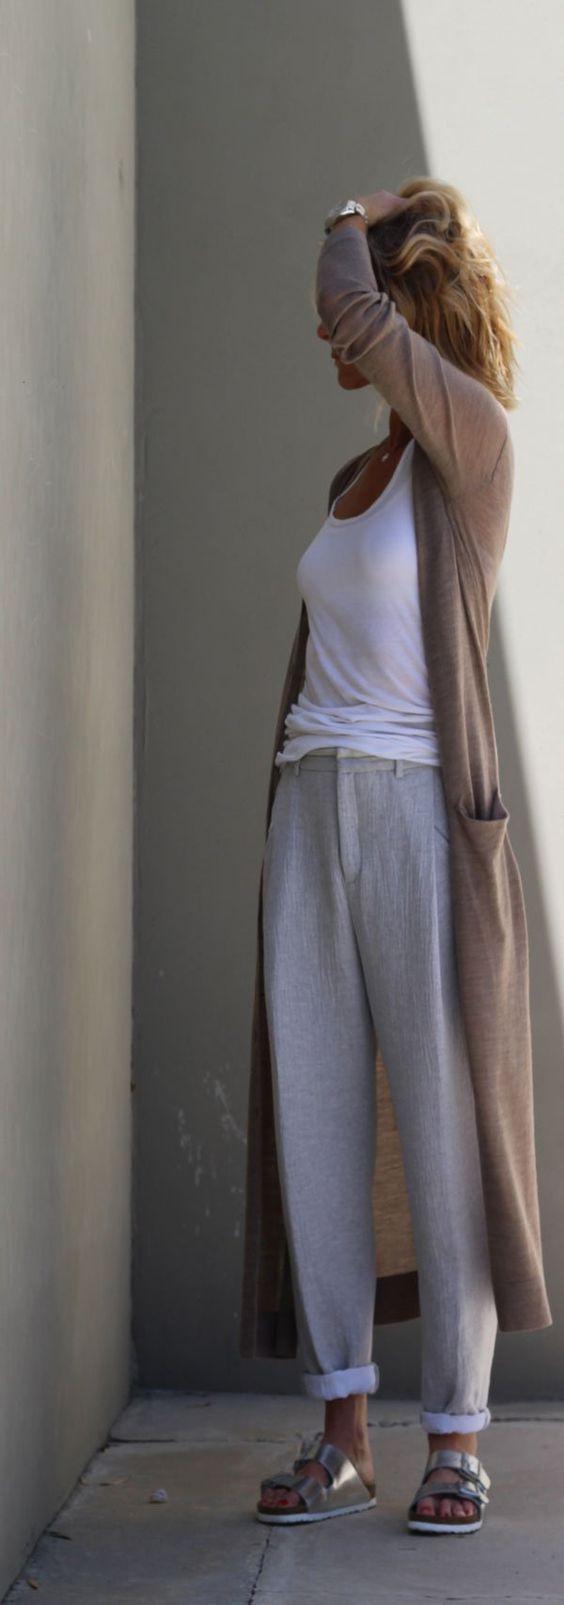 mujer con pantalones comodos